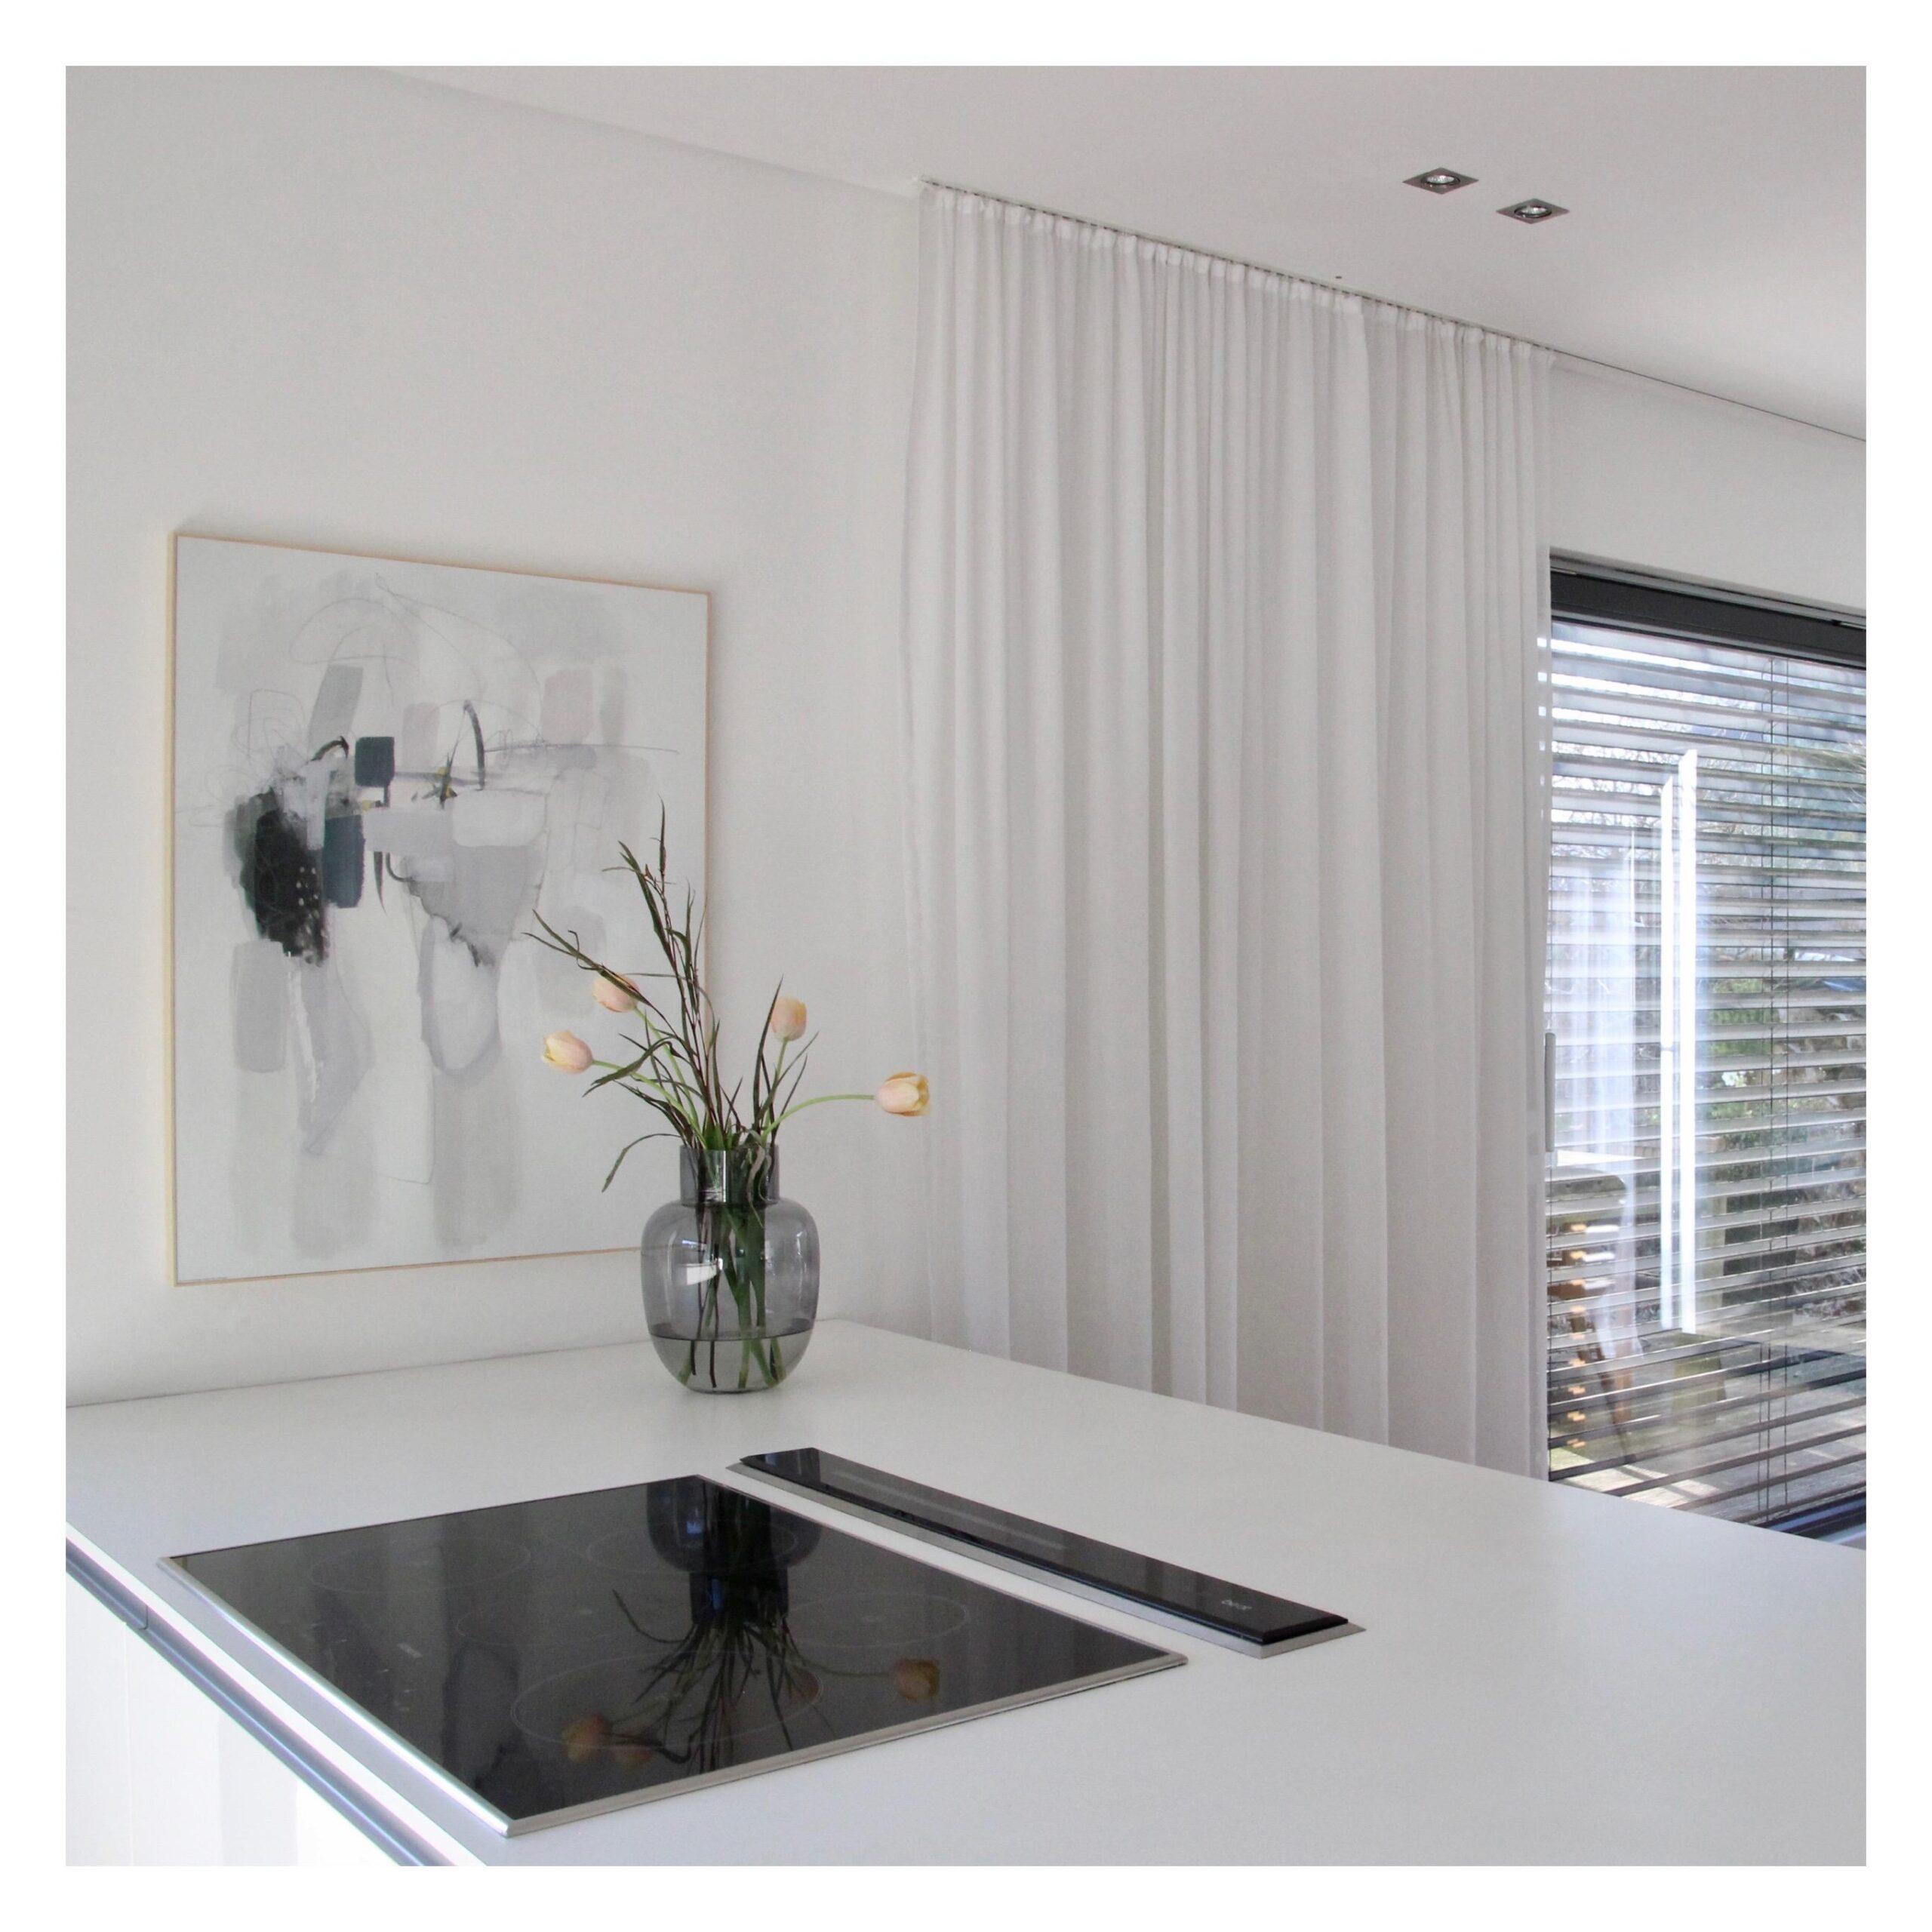 Full Size of Kchenwand Bilder Ideen Couch Wohnzimmer Küchenwand